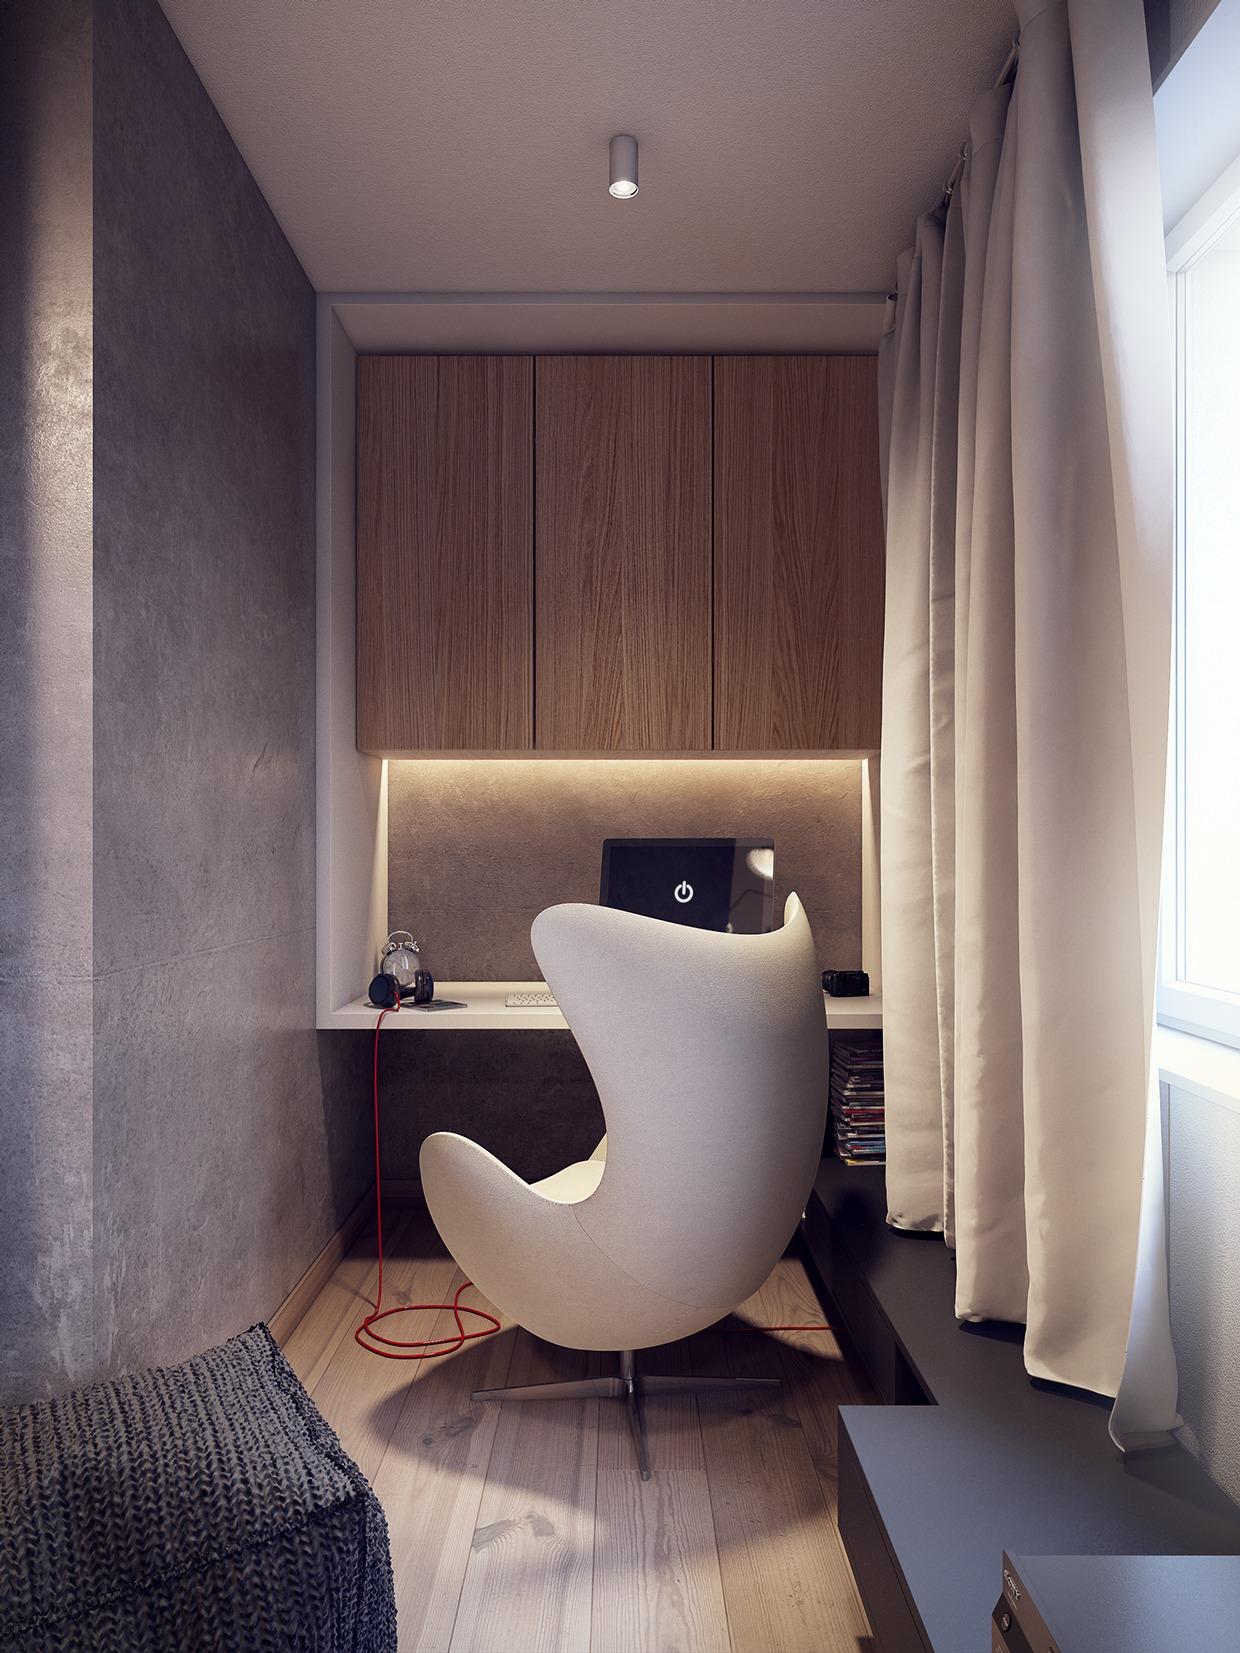 Wedo thiết kế nội thất phòng khách đẹp lấy cảm hứng từ xu hướng những năm 60